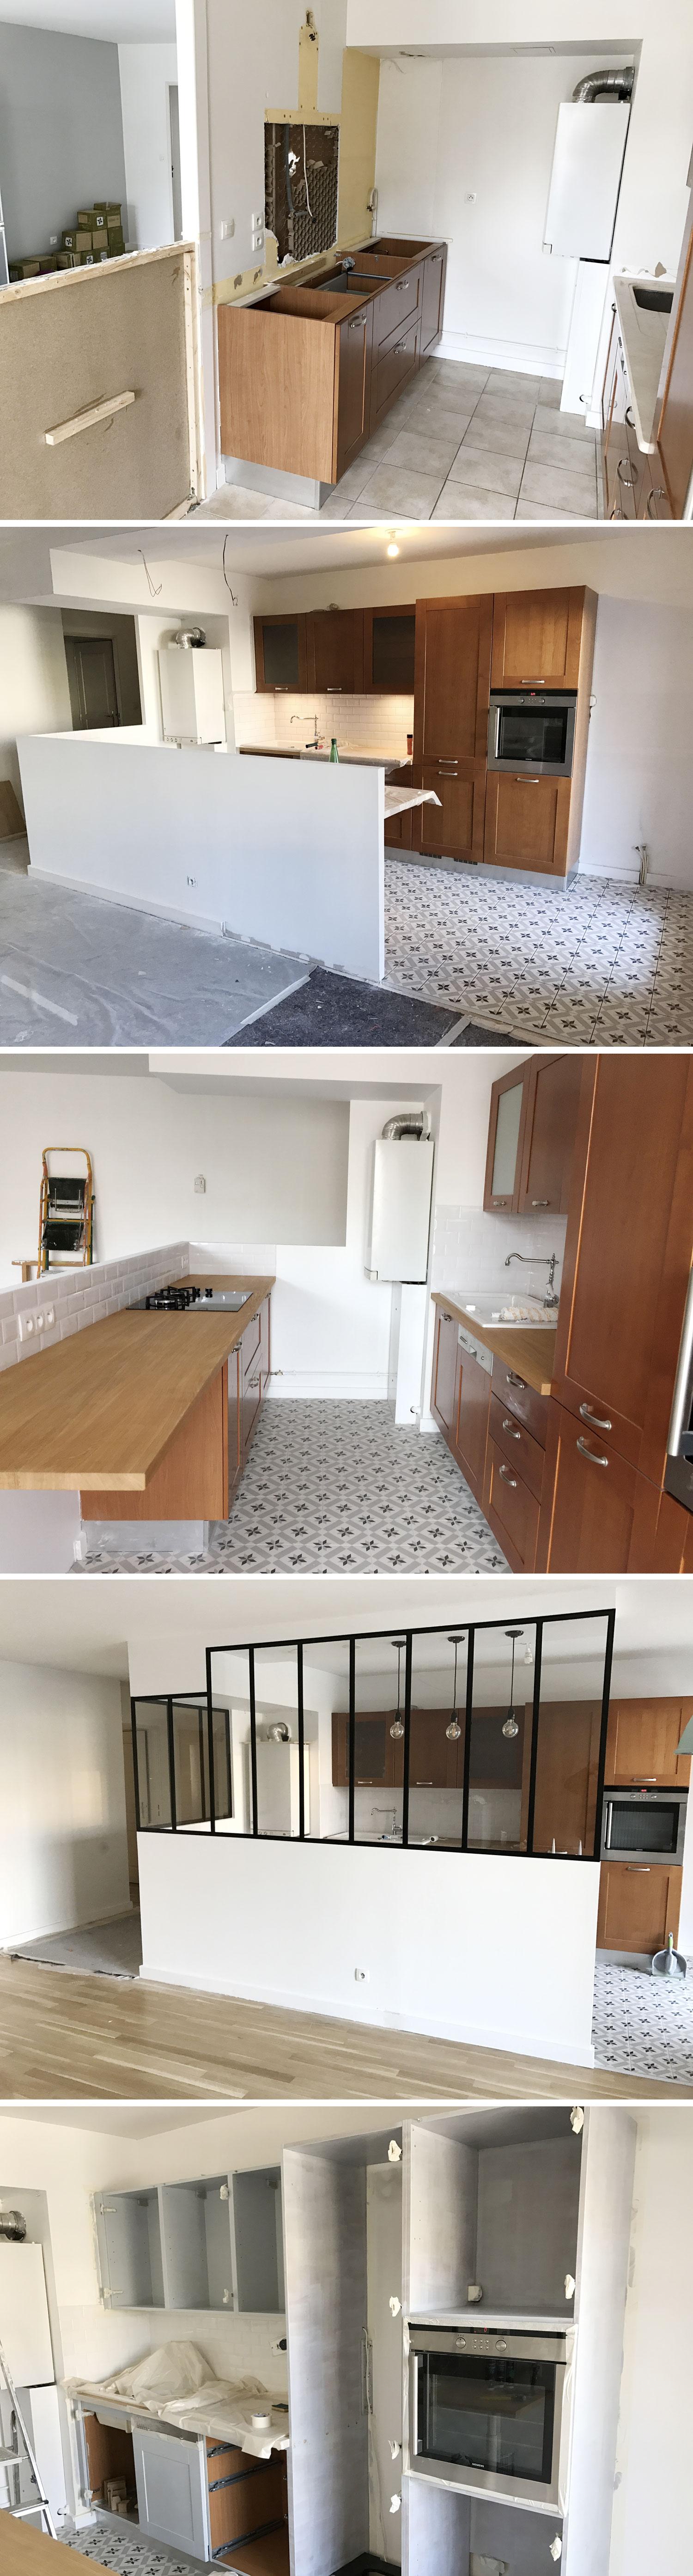 Relooking Cuisine Avant Après relooking cuisine avec verrière - décoration & rénovation